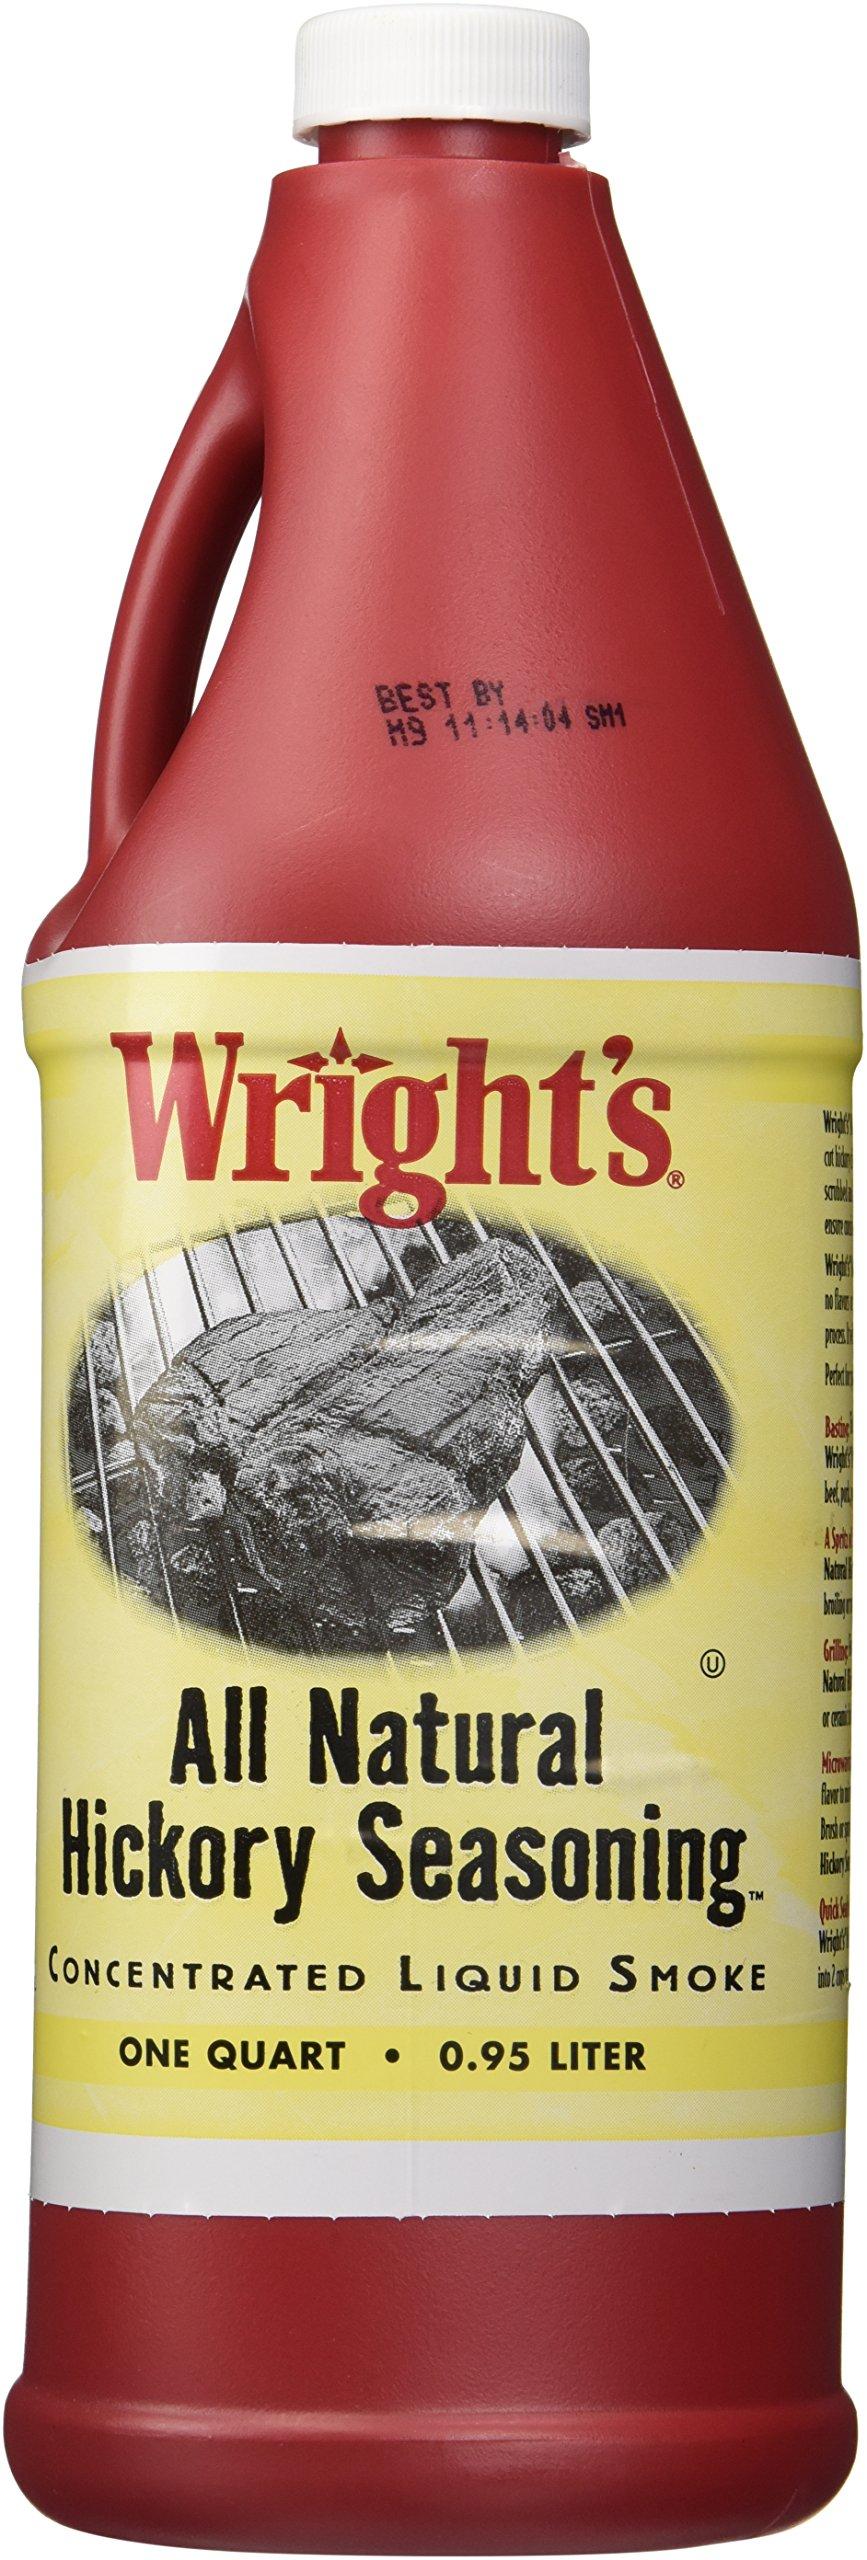 Wrights Natural Hickory Seasoning Liquid